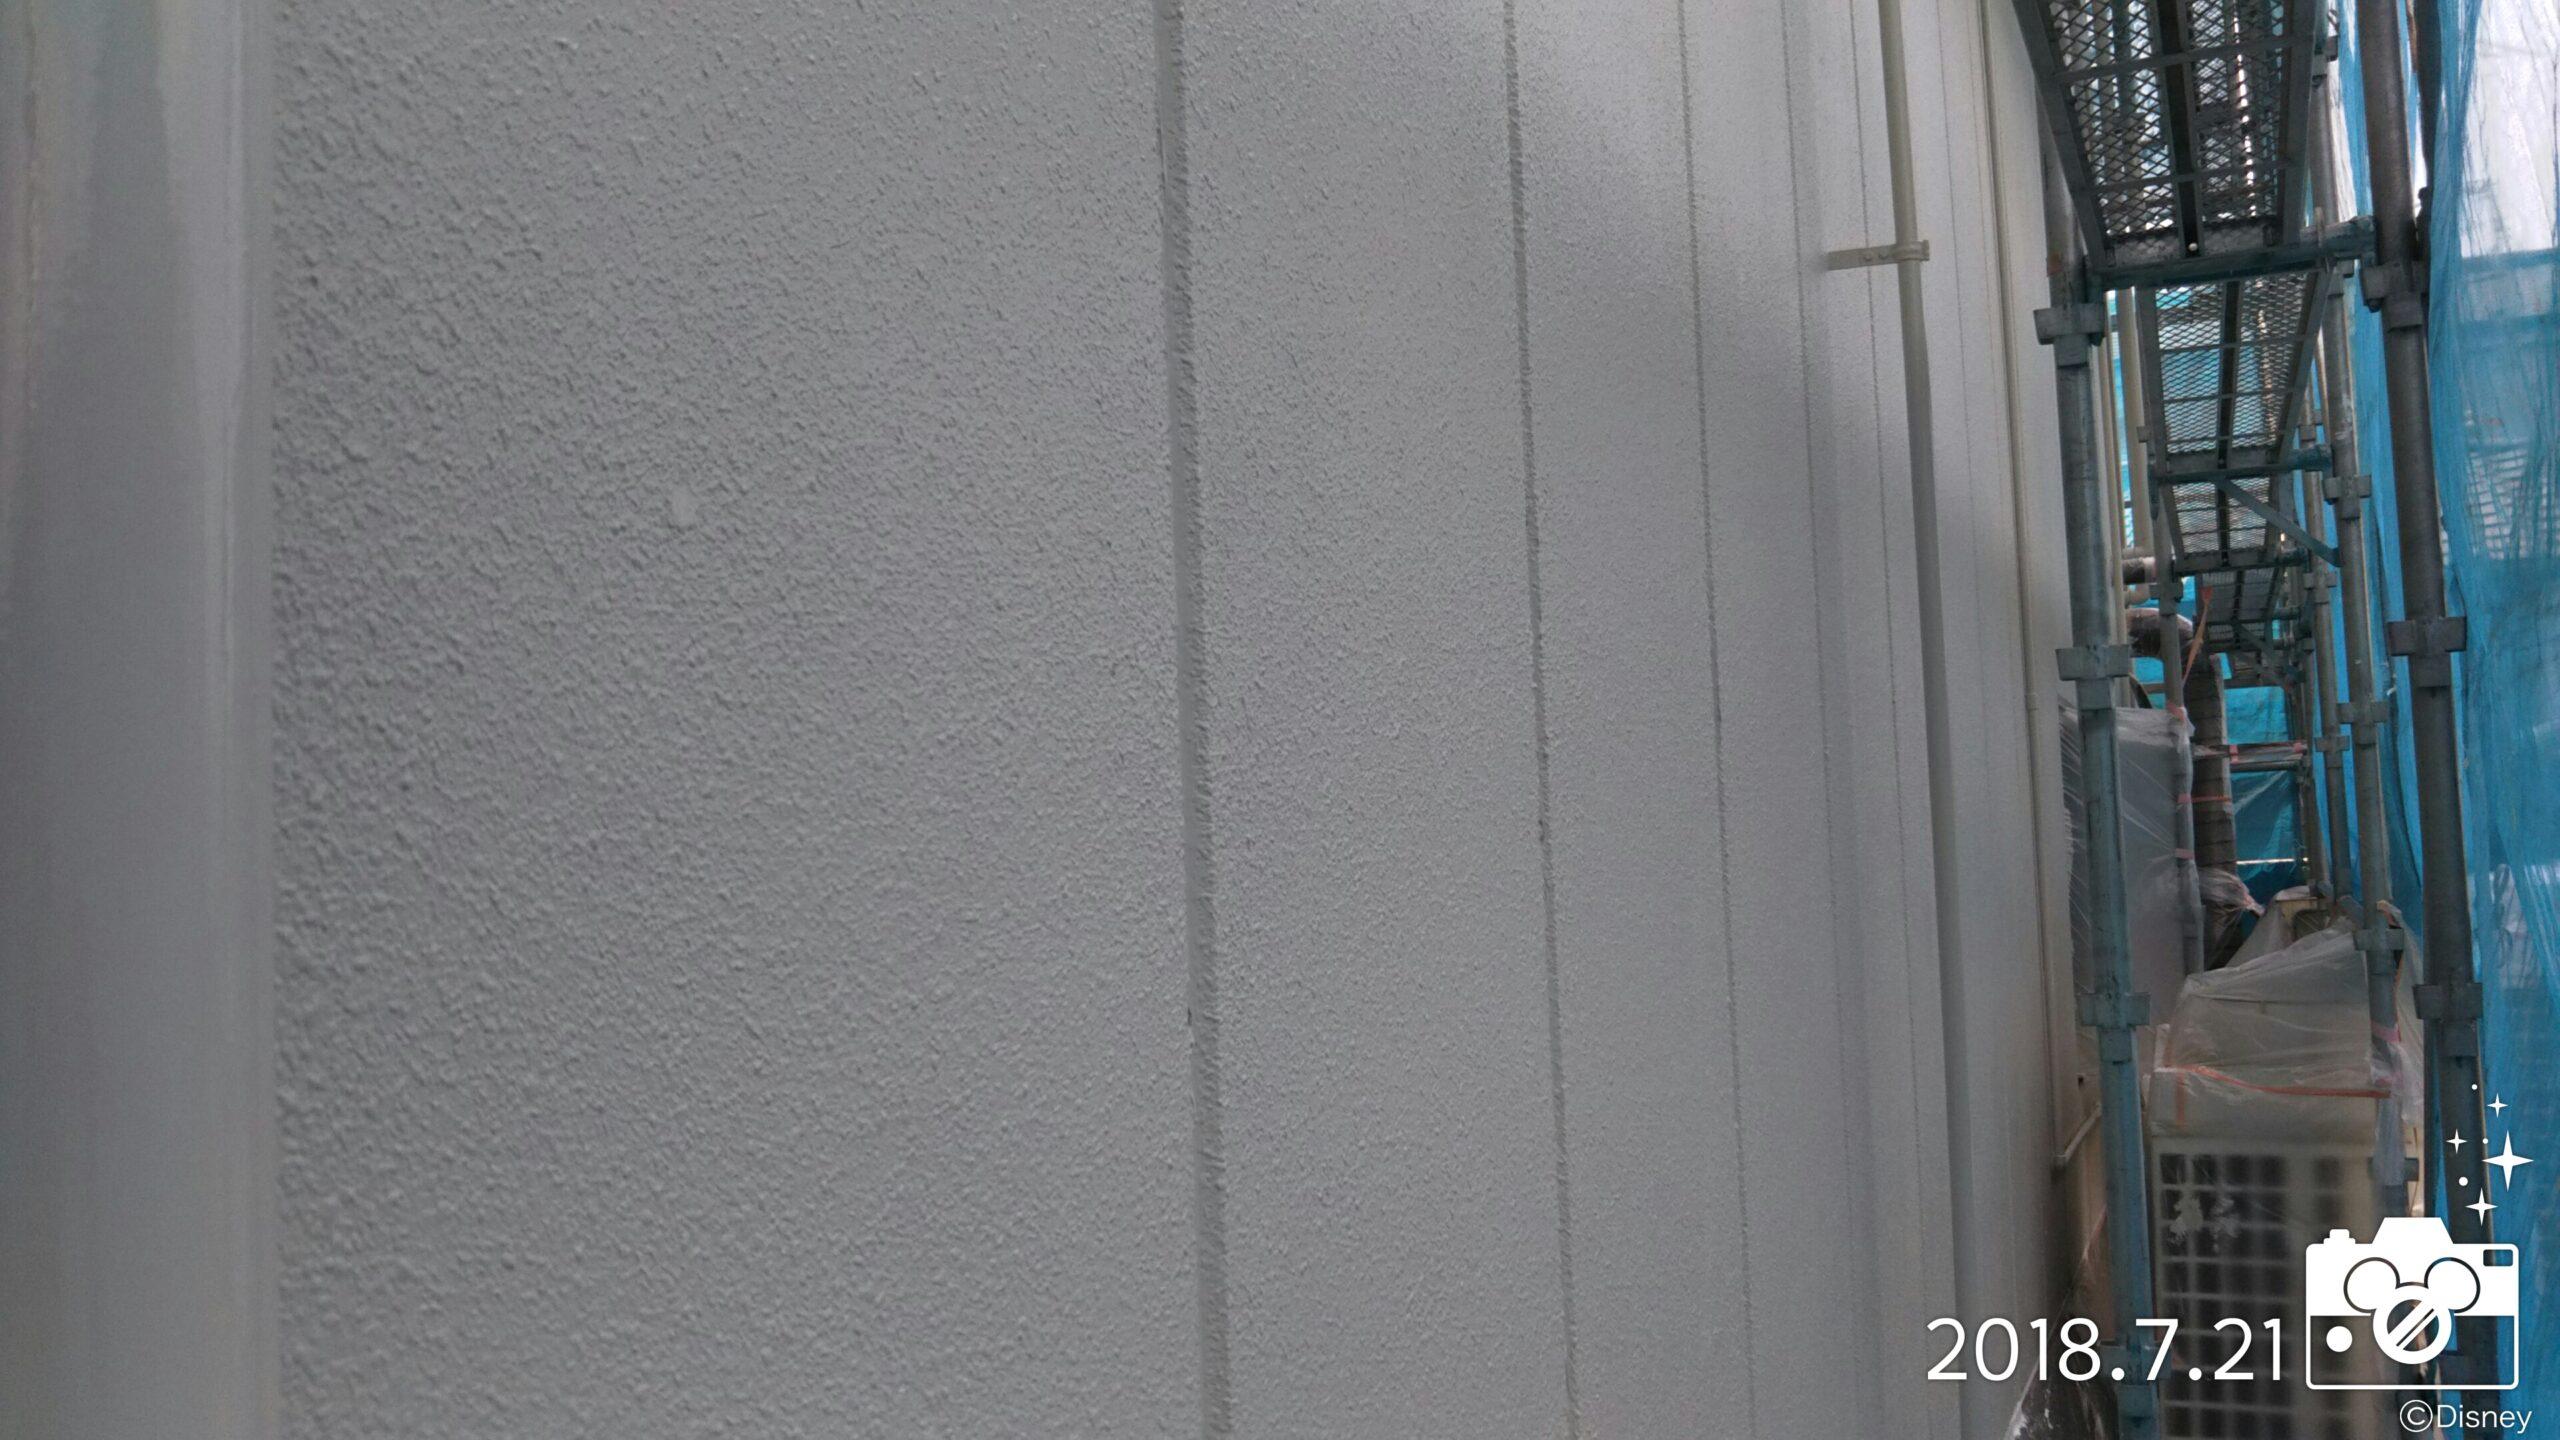 埼玉県さいたま市 外壁塗装・鉄部塗装(コーキング・外壁中塗り塗装・養生) 埼玉県さいたま市見沼区の某工場、塗り替えリフォーム中